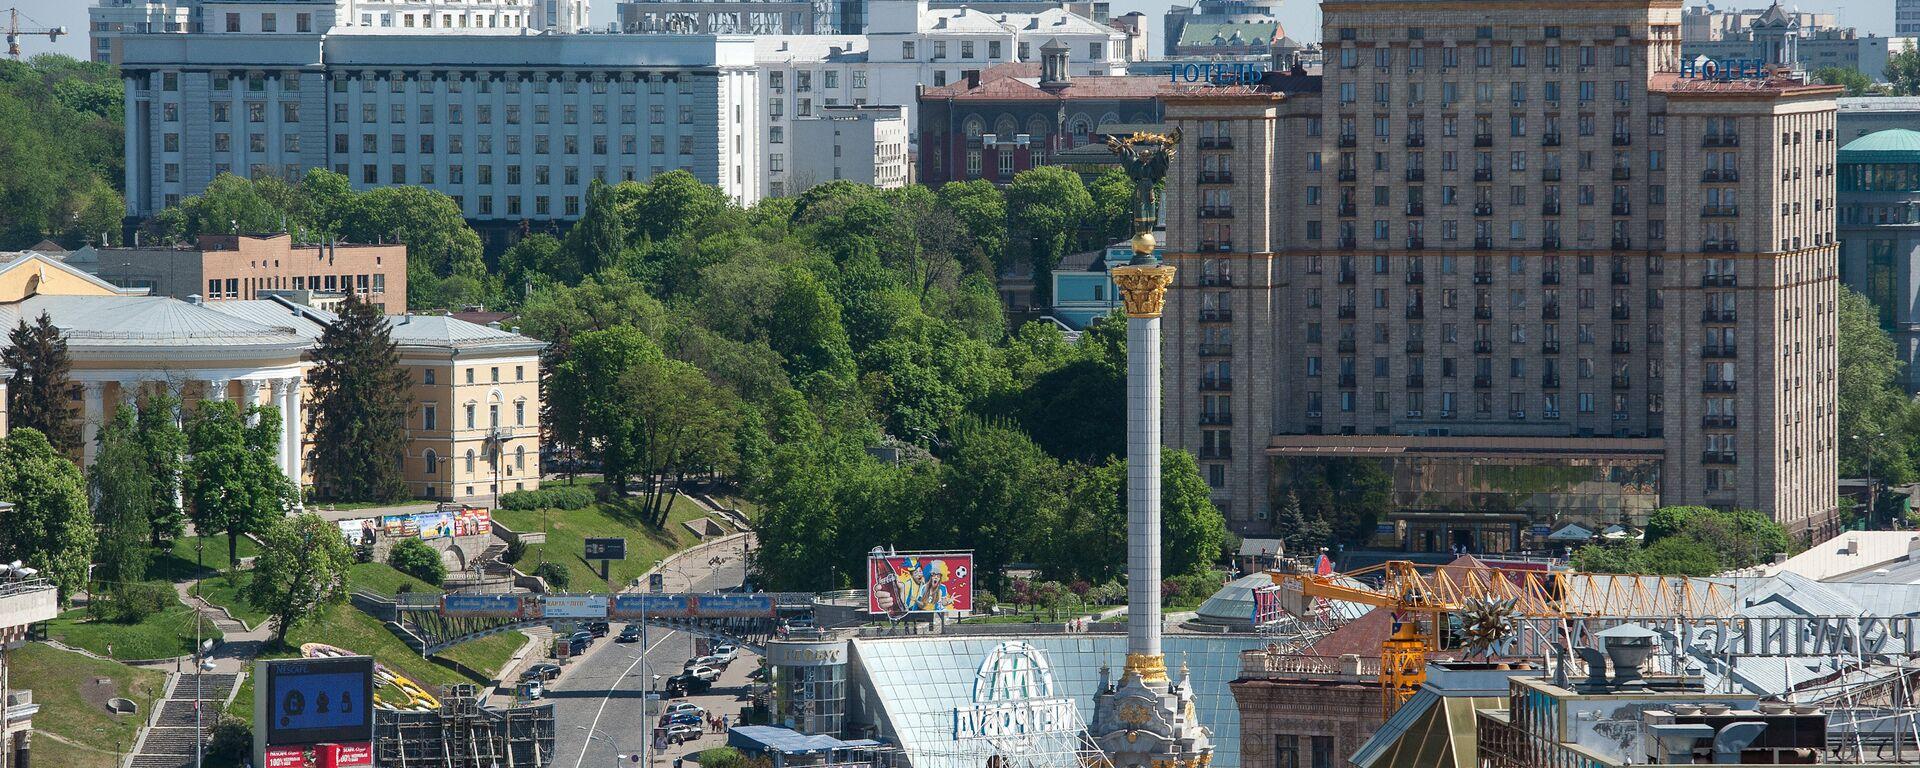 Trg nezavisnosti u Kijevu - Sputnik Srbija, 1920, 05.09.2021